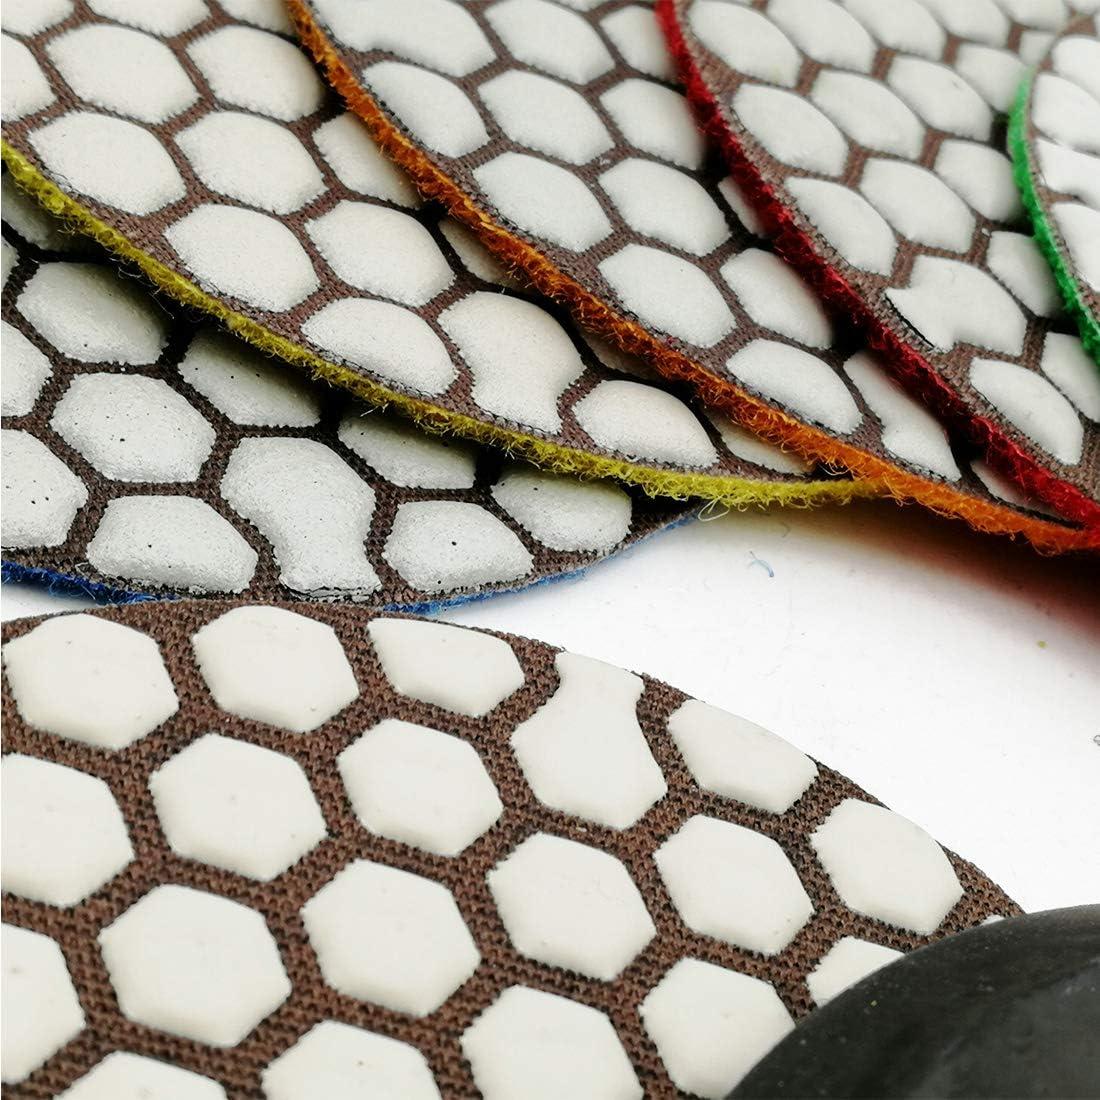 SHDIATOOL Diamante Almohadilla de Pulido 8 Piezas Grano Mixta y un Respaldo de Plastico para Pulir en Seco M/ármol Granito Piedra Cer/ámica Dia 100mm//4 Pulgadas